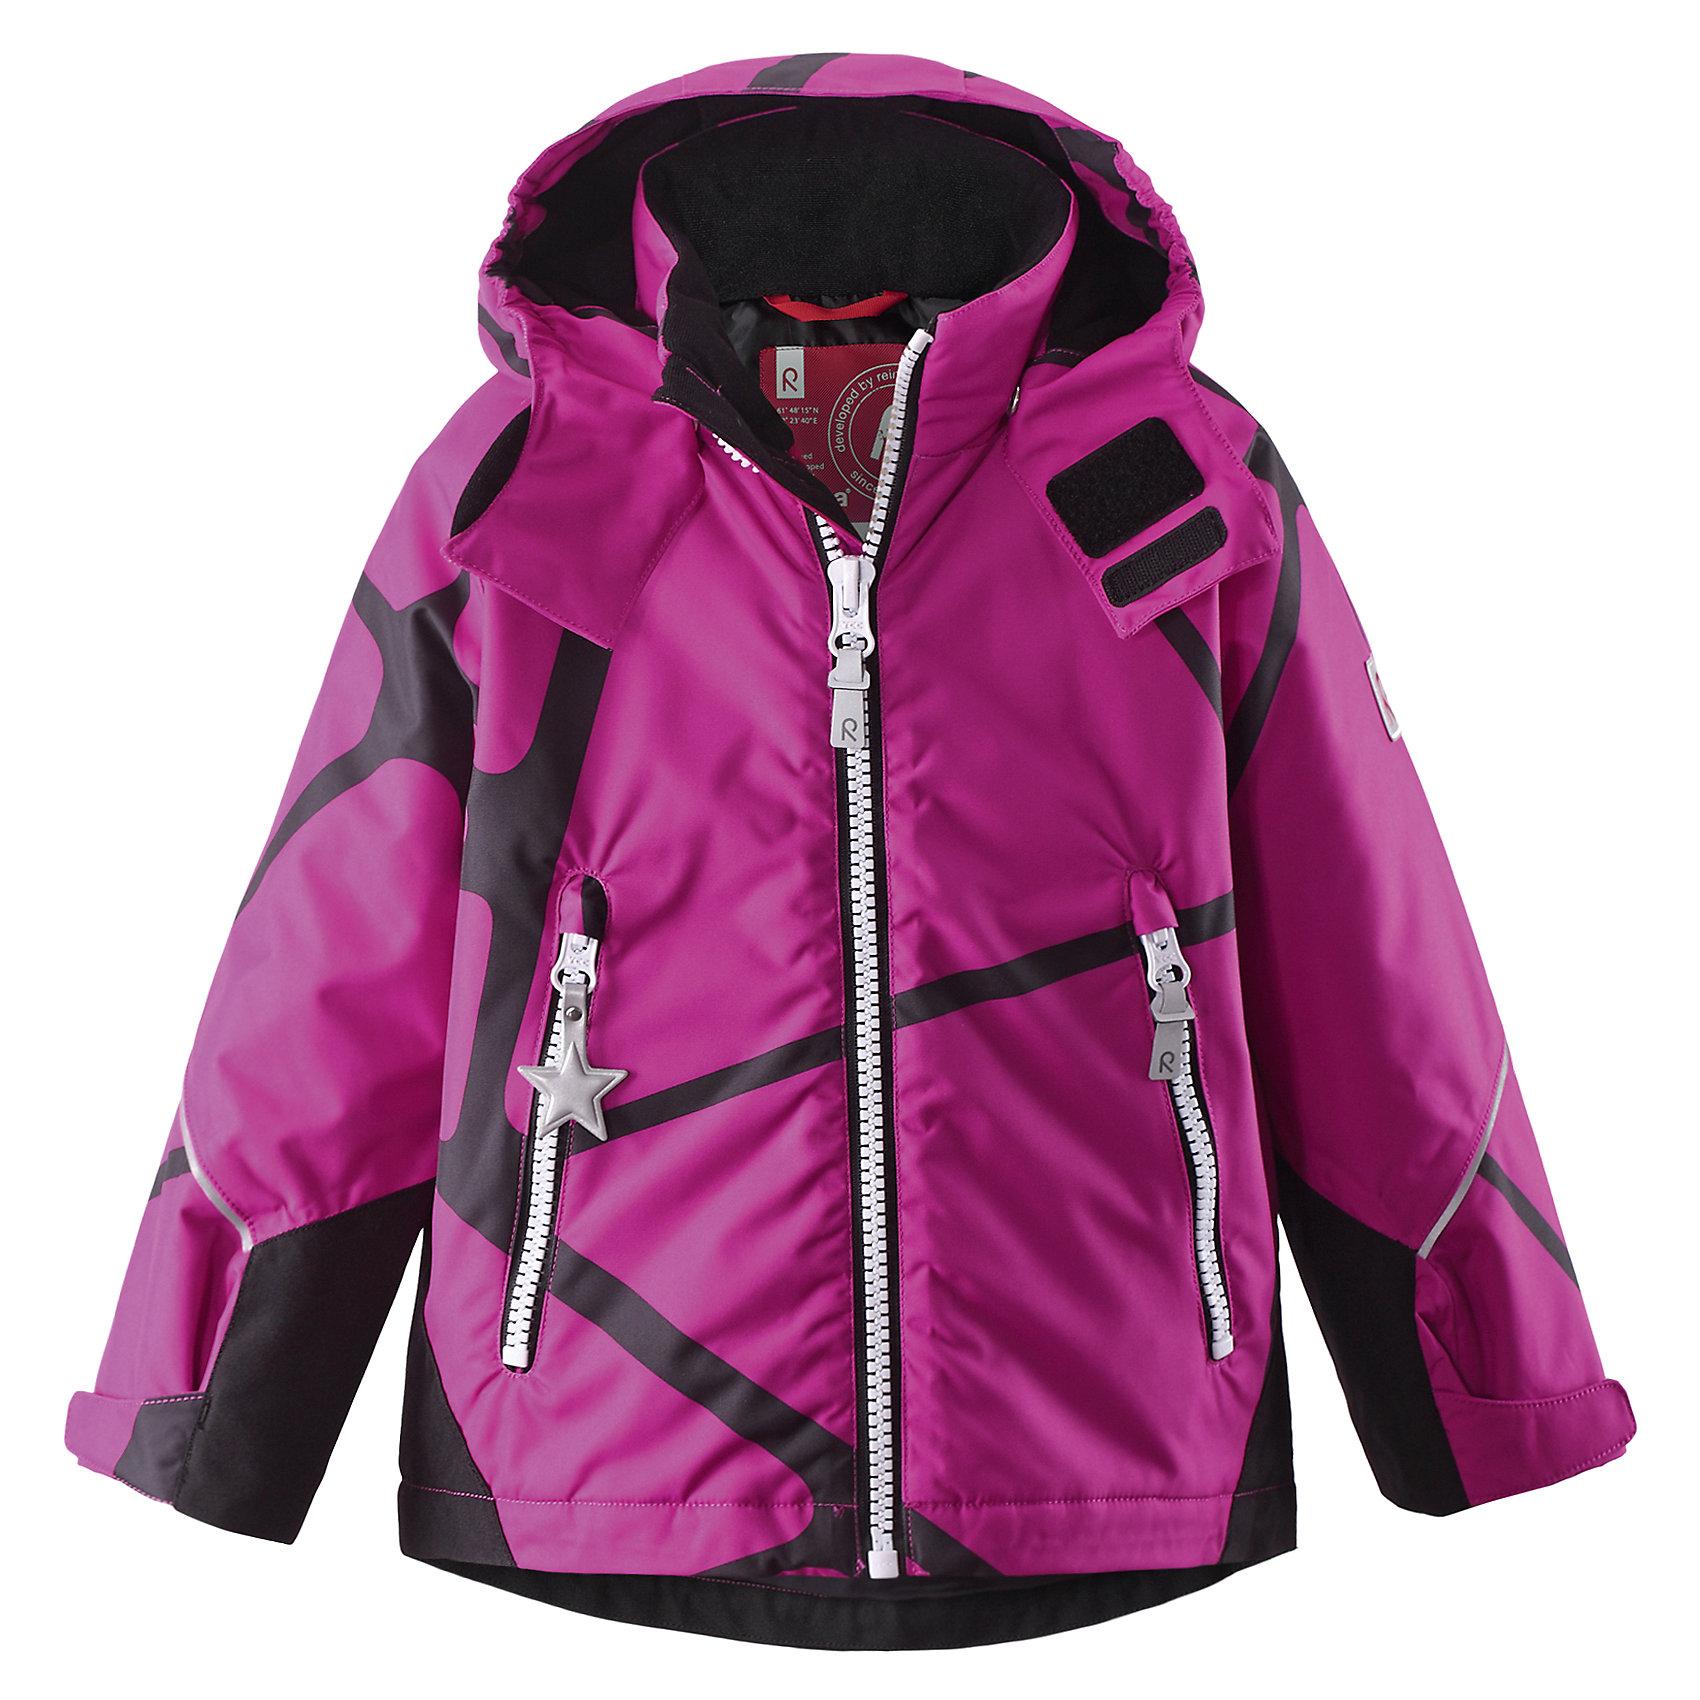 Куртка Kide ReimaОдежда<br>Зимняя куртка для детей. Основные швы проклеены и не пропускают влагу. Прочные усиленные вставки на рукавах и спинке Водо- и ветронепроницаемый, «дышащий» и грязеотталкивающий материал. Гладкая подкладка из полиэстра. Безопасный, съемный капюшон. Регулируемые манжеты и подол. Два кармана на молнии .Принт по всей поверхности .Безопасные светоотражающие детали.<br>Состав:<br>100% ПЭ, ПУ-покрытие<br><br>Ширина мм: 356<br>Глубина мм: 10<br>Высота мм: 245<br>Вес г: 519<br>Цвет: розовый<br>Возраст от месяцев: 72<br>Возраст до месяцев: 84<br>Пол: Унисекс<br>Возраст: Детский<br>Размер: 122,128,116<br>SKU: 5309359